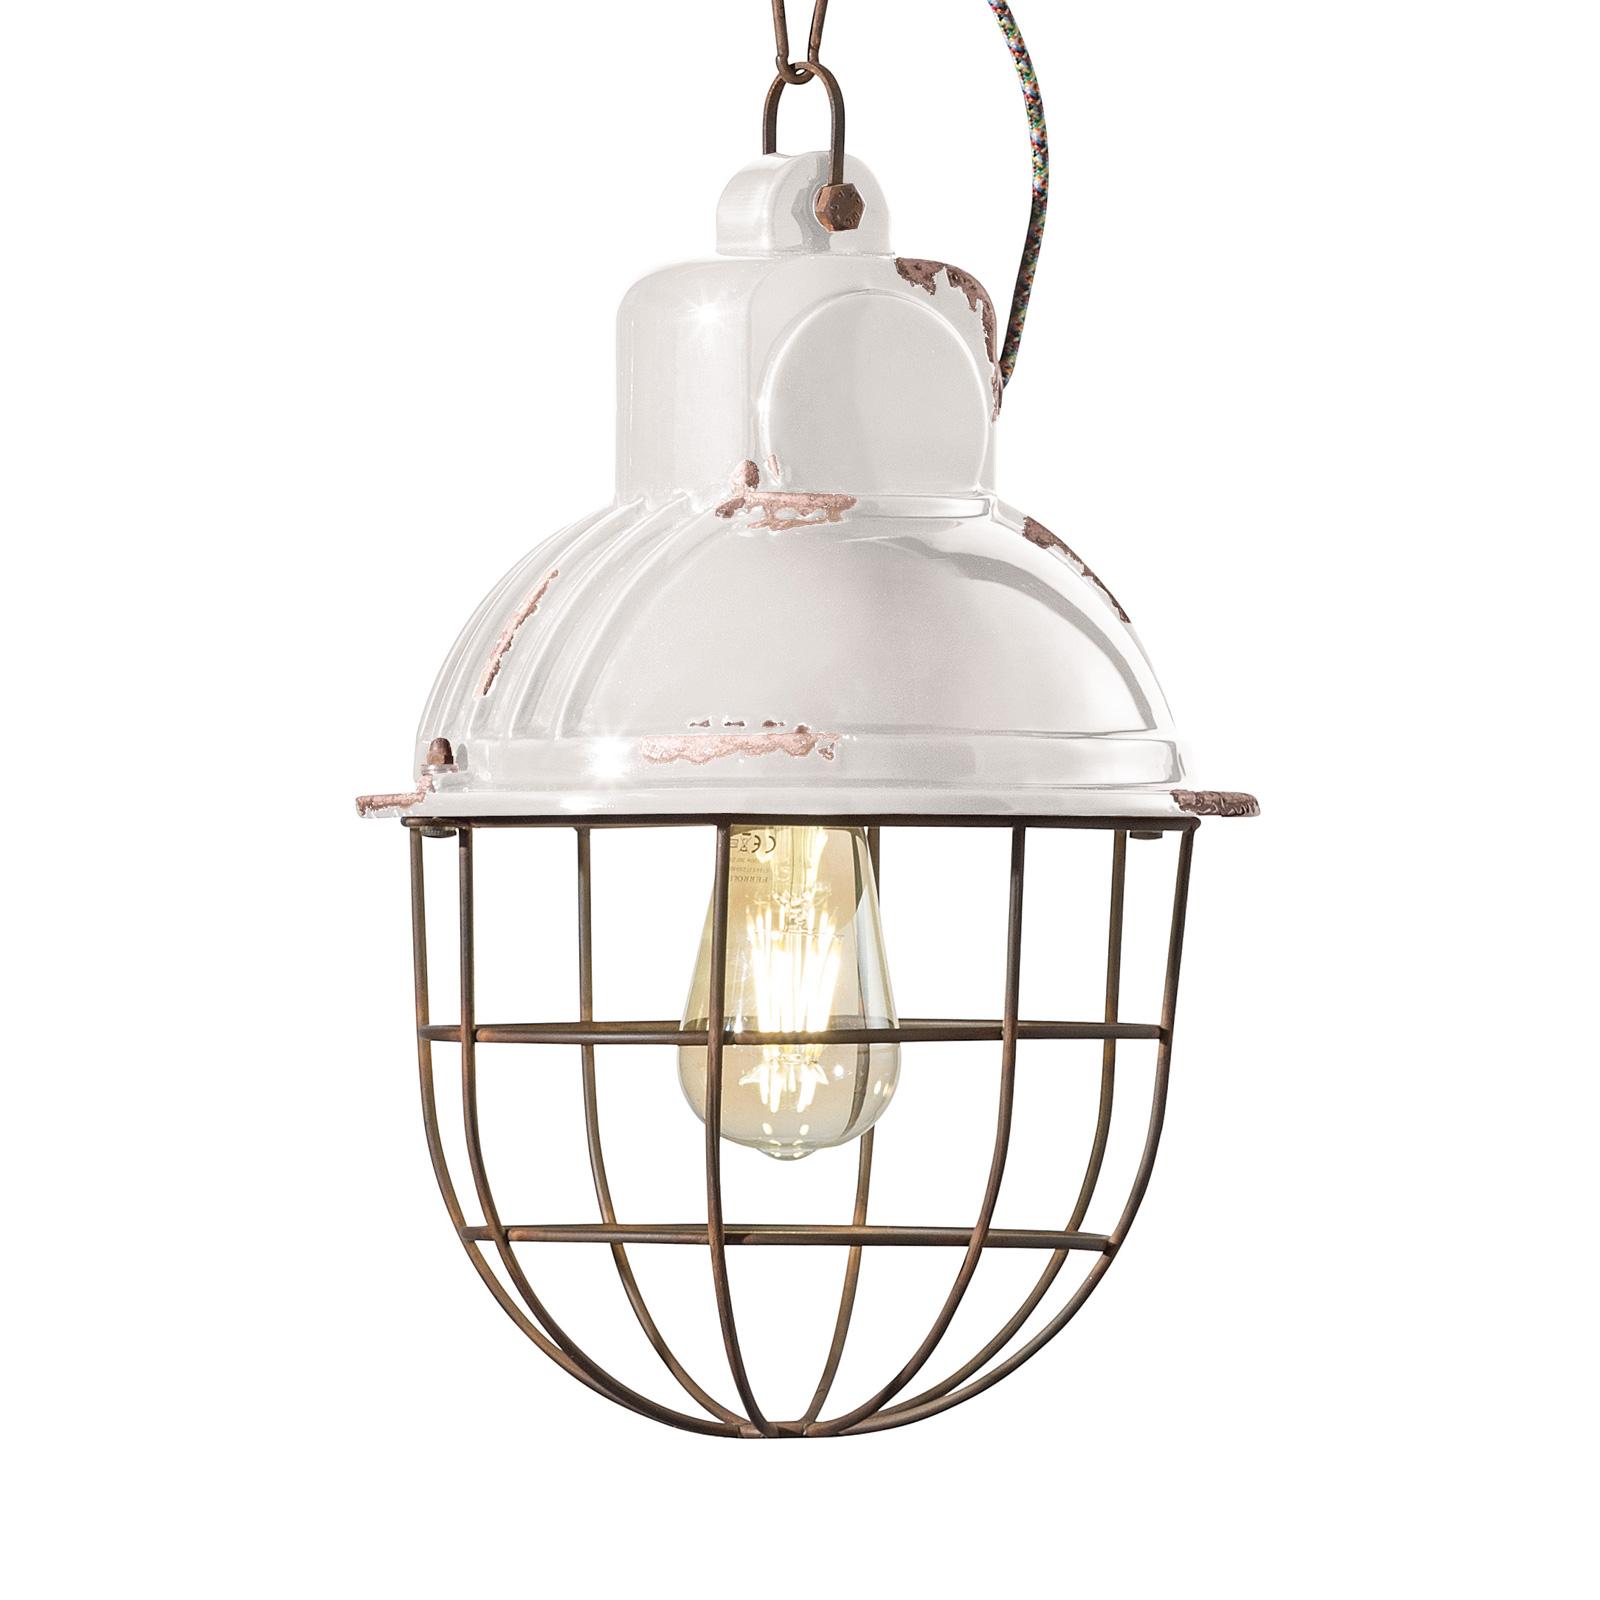 Hanglamp C1770 in industrieel ontwerp, wit